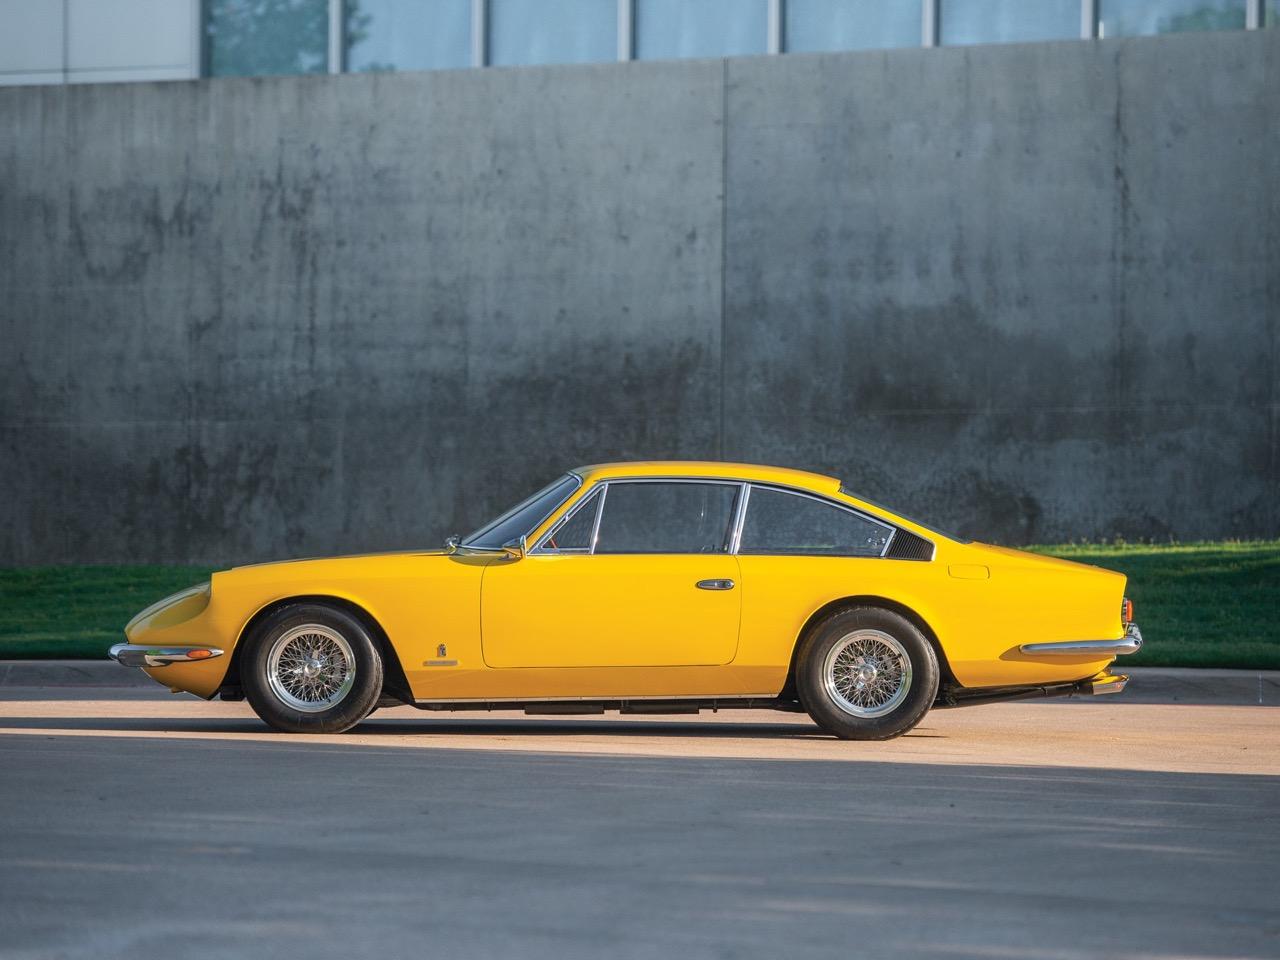 '68 Ferrari 365 GT 2+2 - Le charme des familiales ! 57